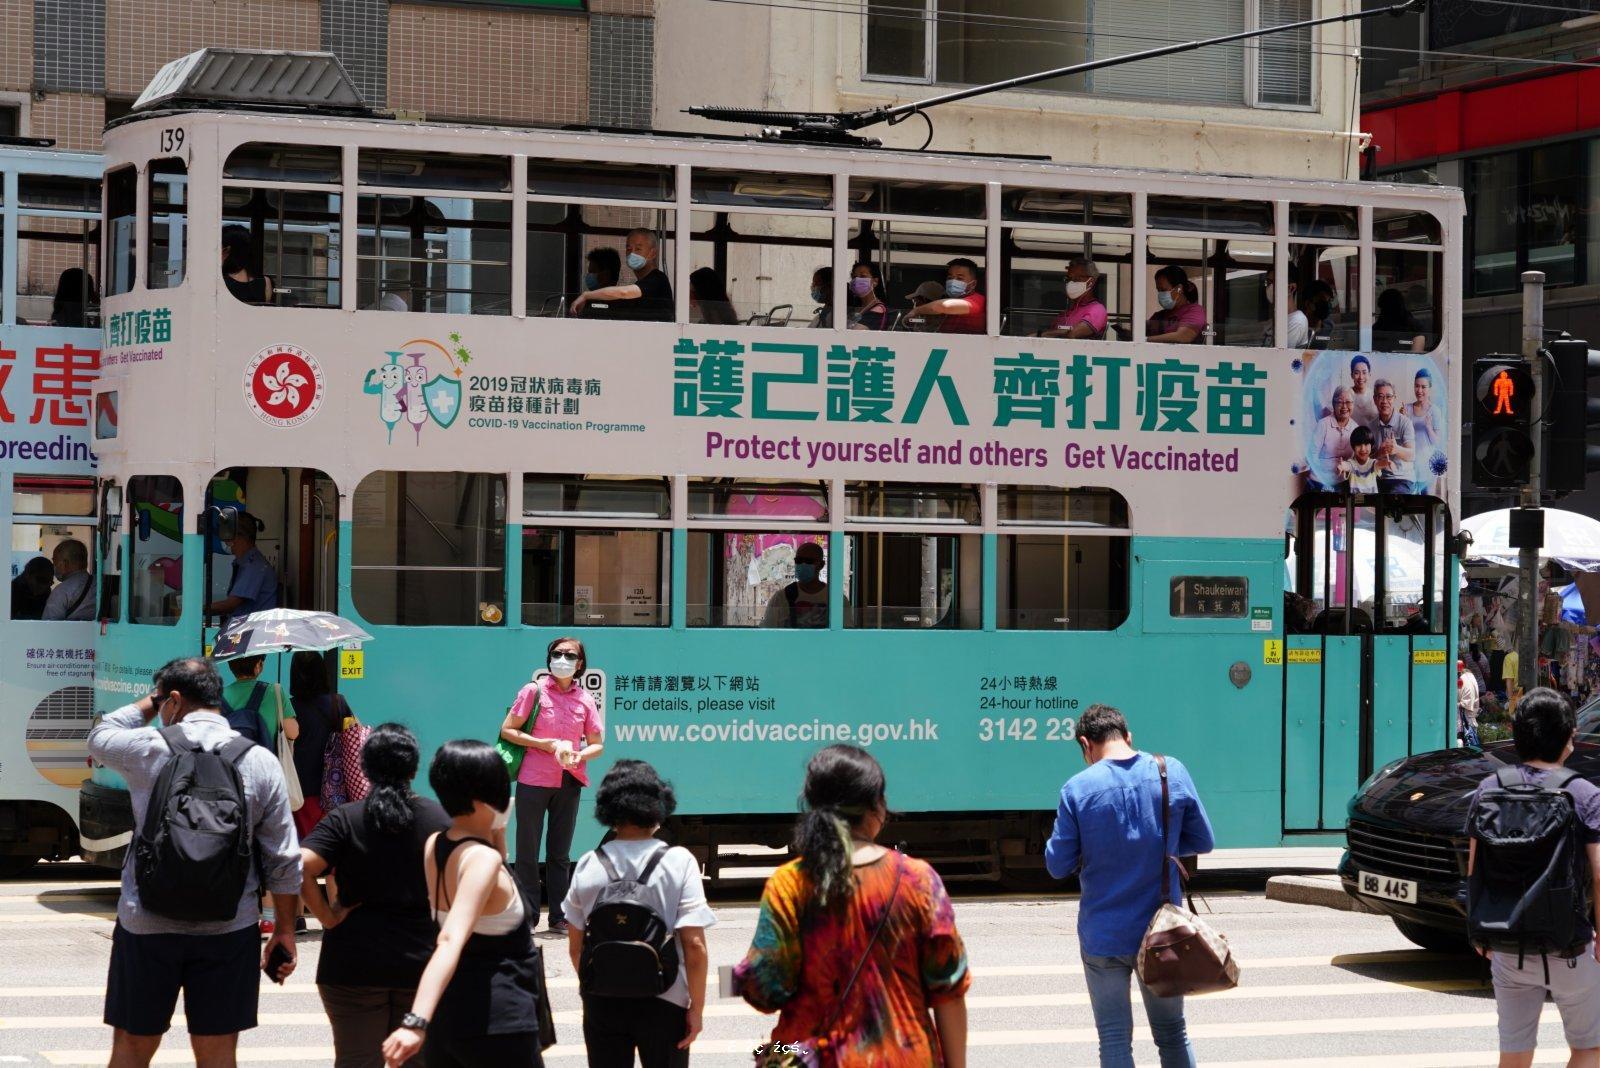 香港12歲以上青少年周五起可預約打針